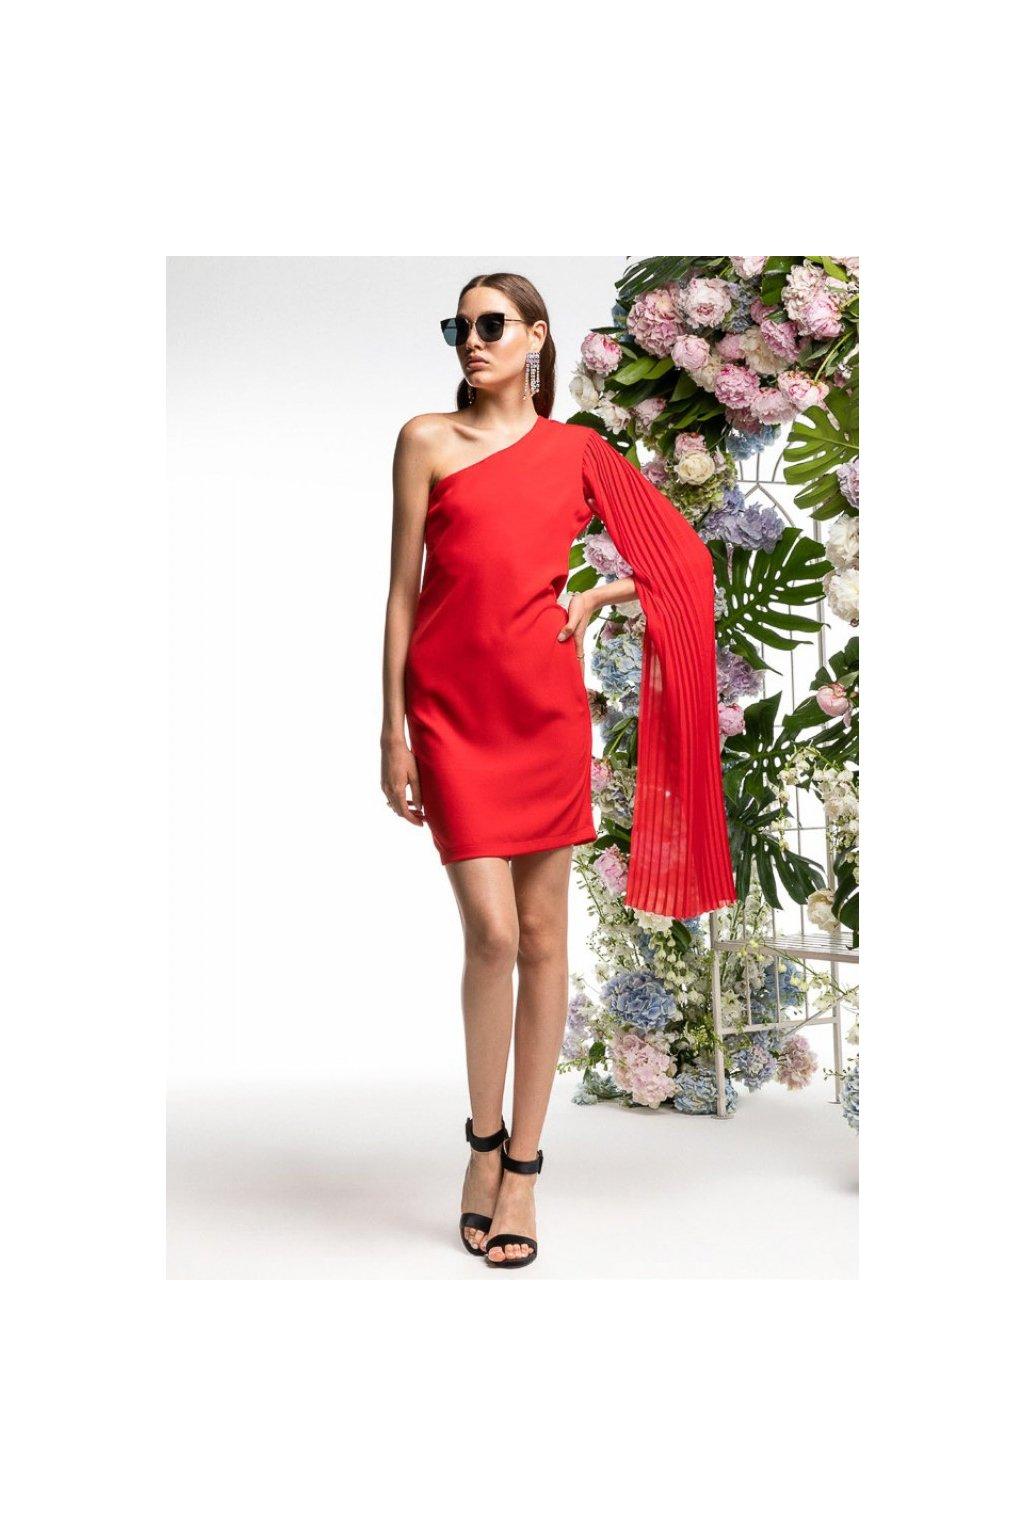 Šaty červené na jedno rameno, REVISE - červené (Velikost Velikost M)